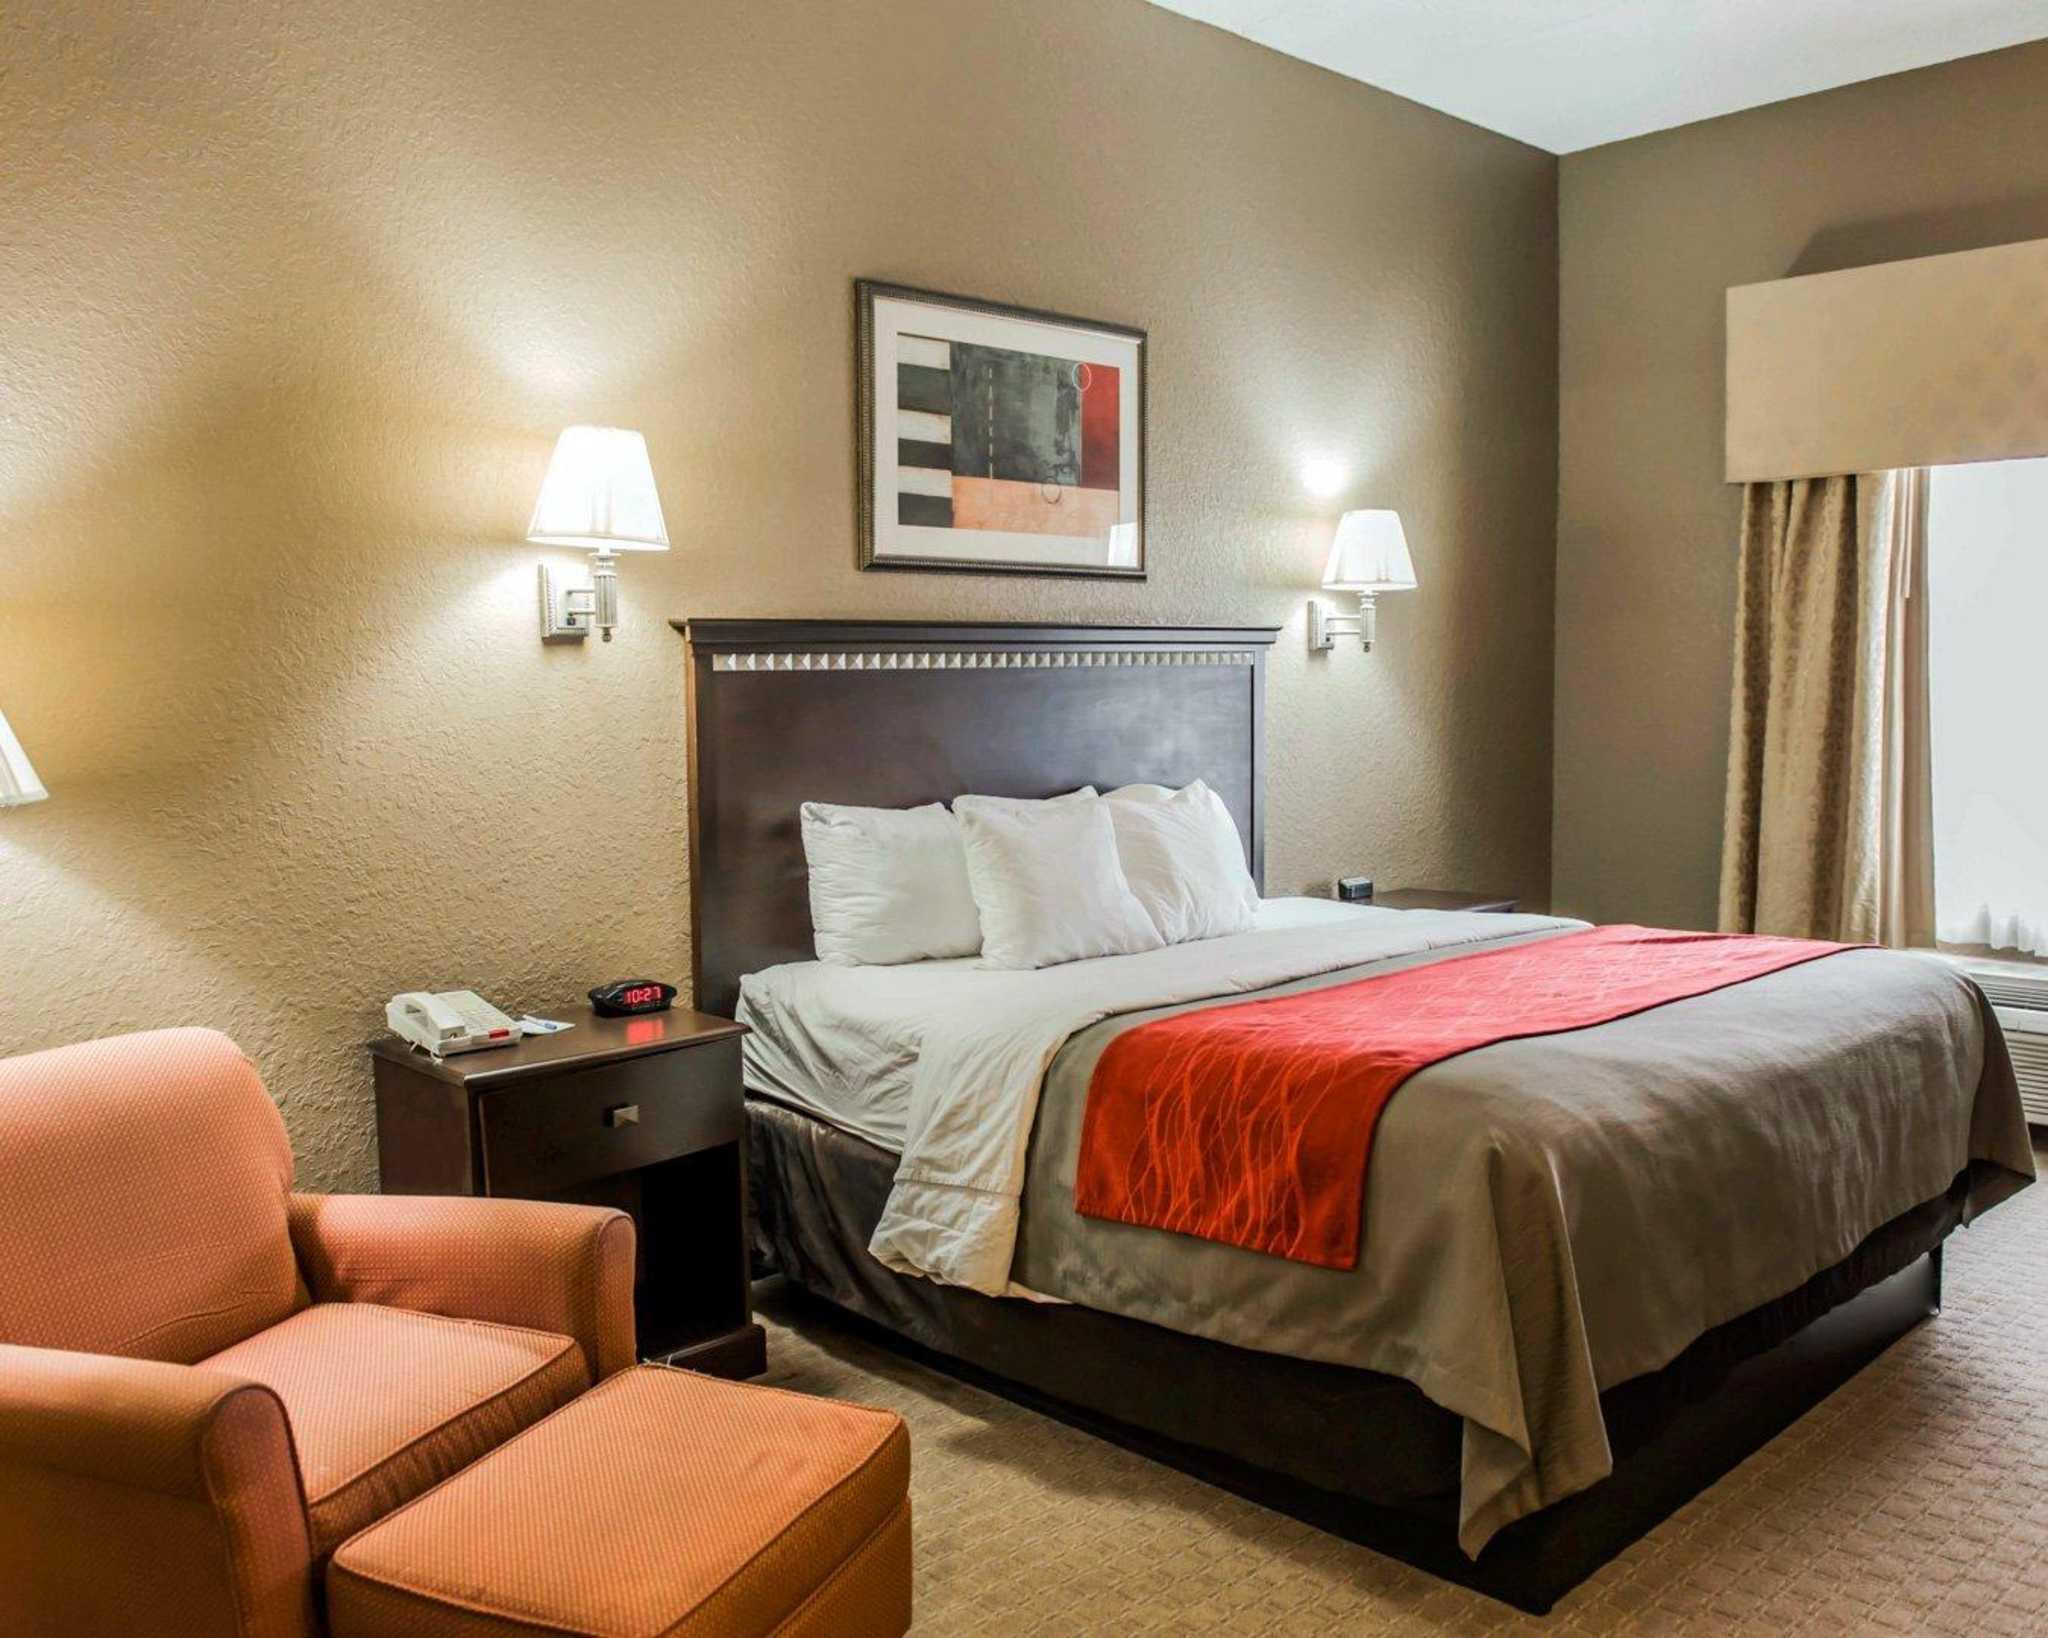 Comfort Inn & Suites Marianna I-10 image 2